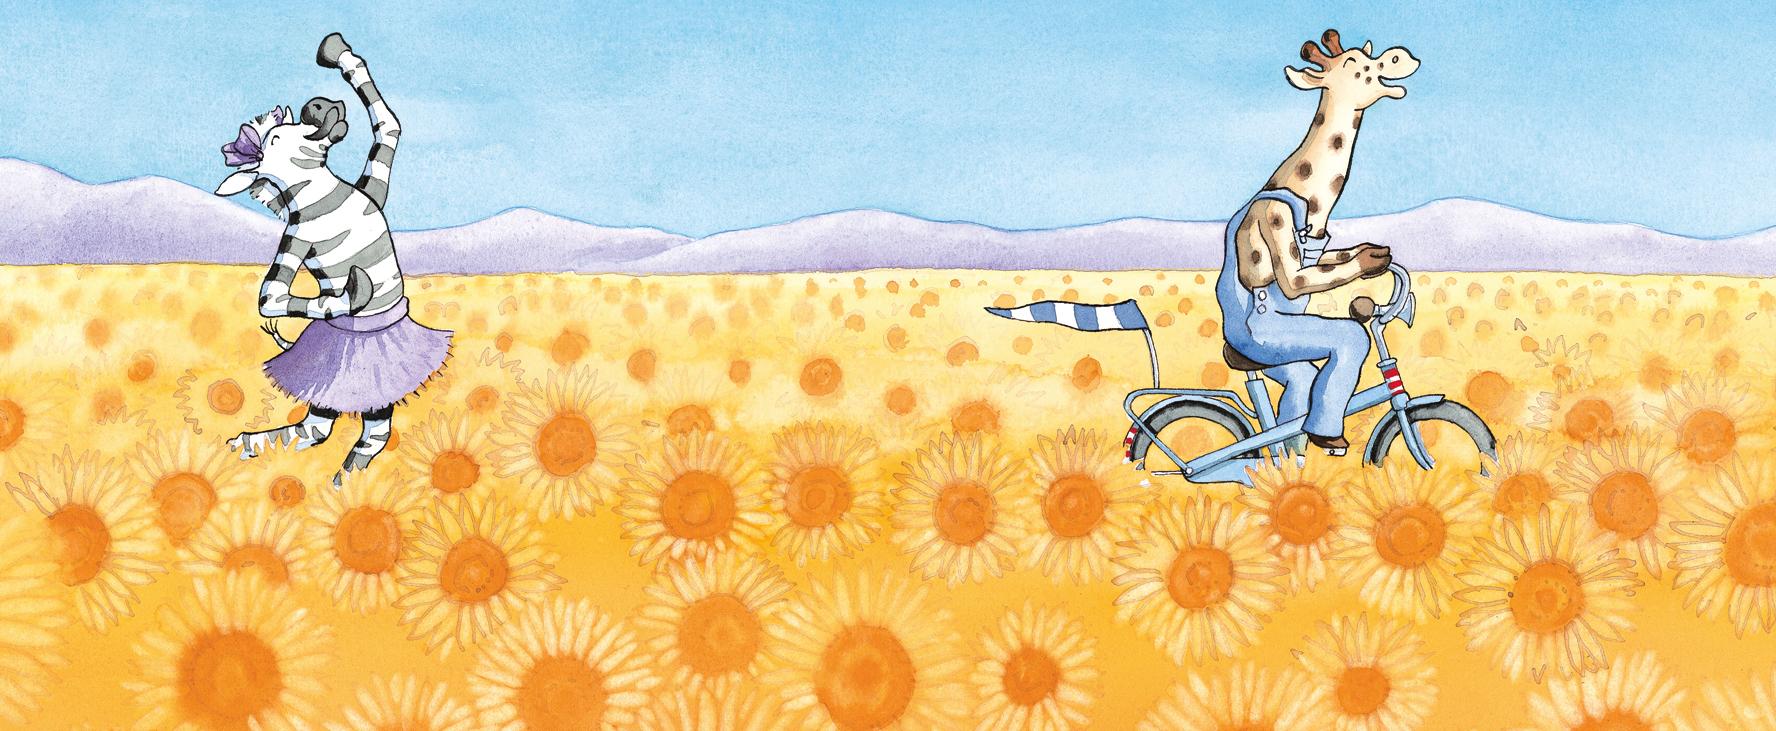 giraf fietst door het zonnebloemveld